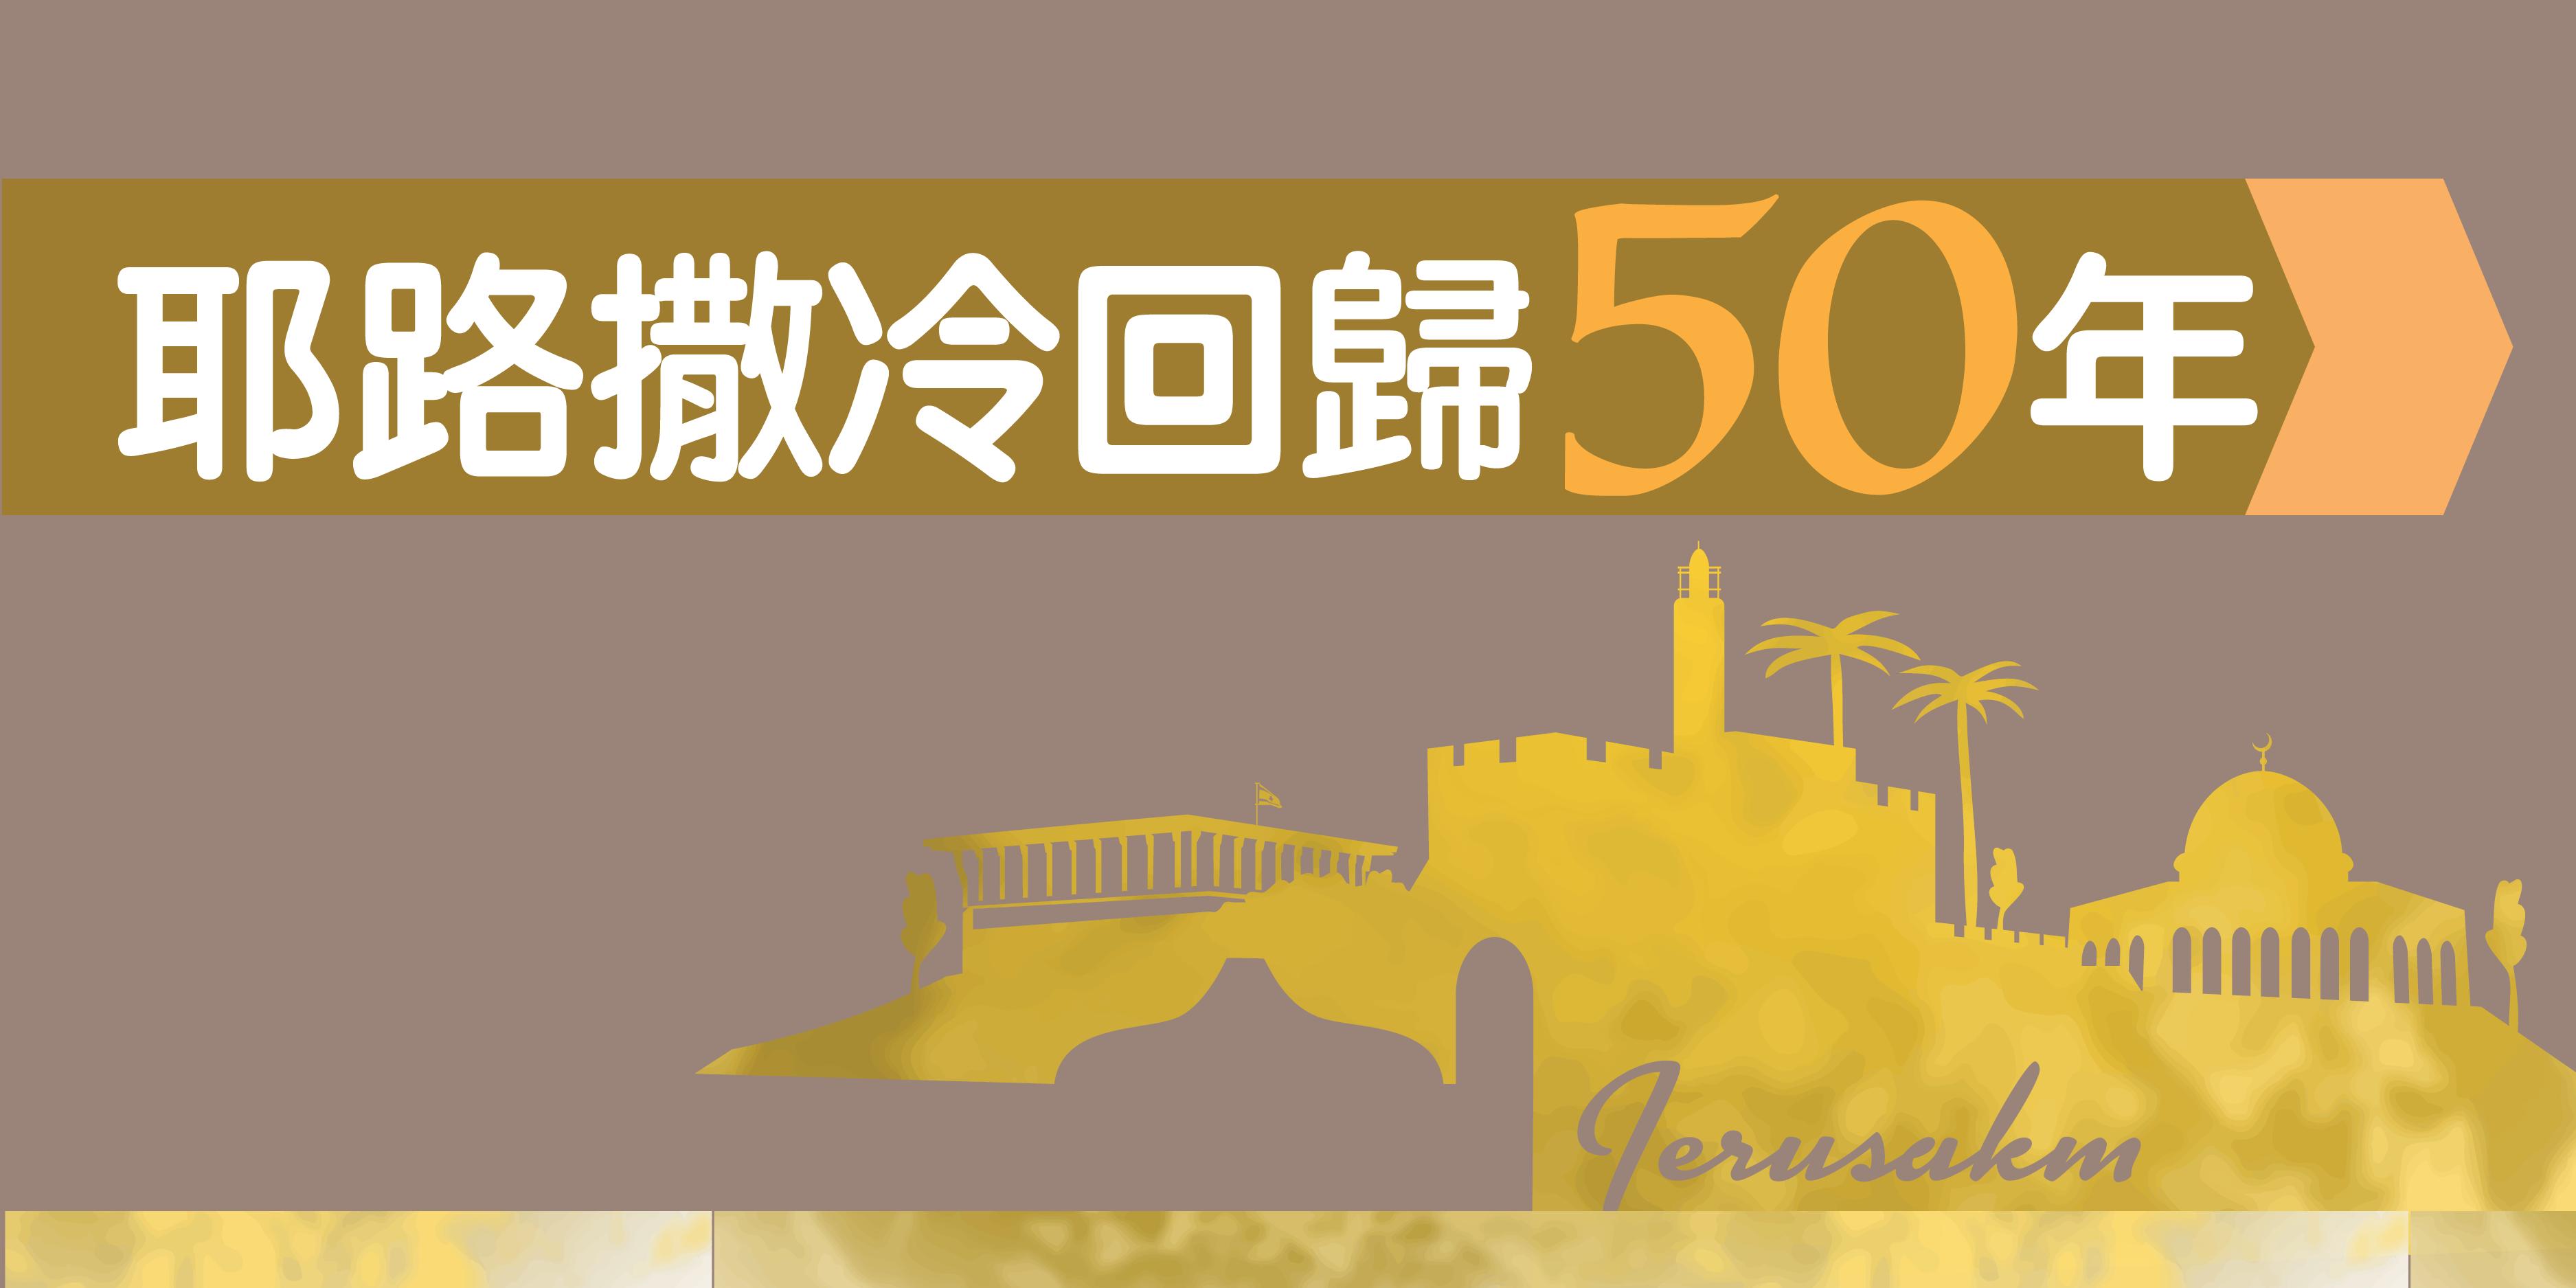 國度1分鐘(31) – 耶路撒冷回歸50年